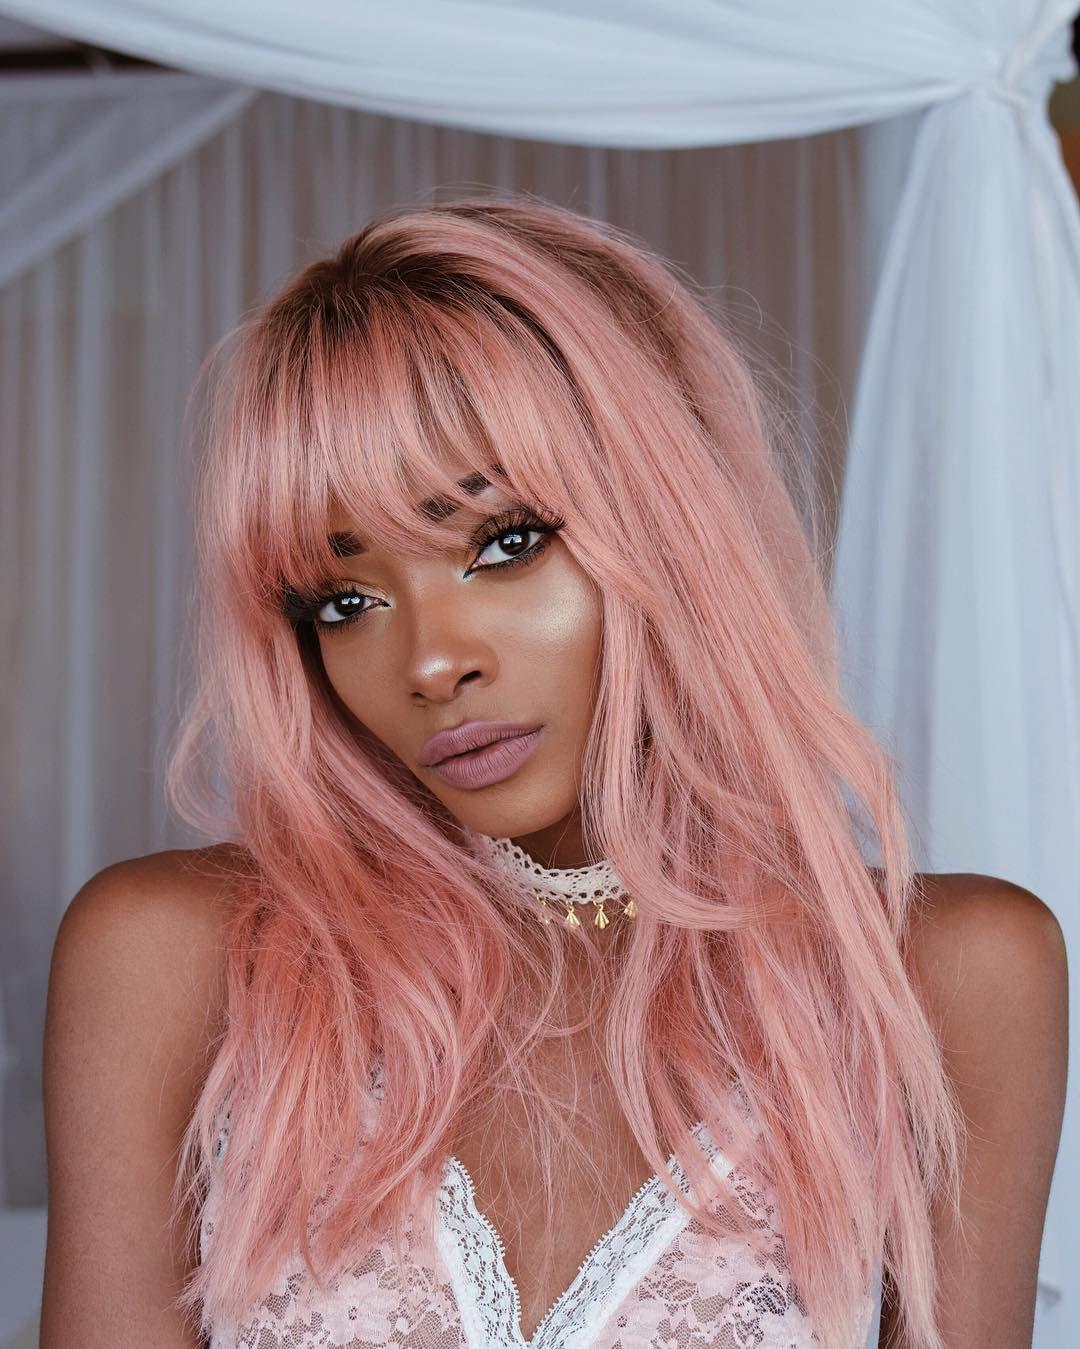 Pin by AURORA ☄ on MAKEUP   Pinterest   Nyane lebajoa, Pink hair ...